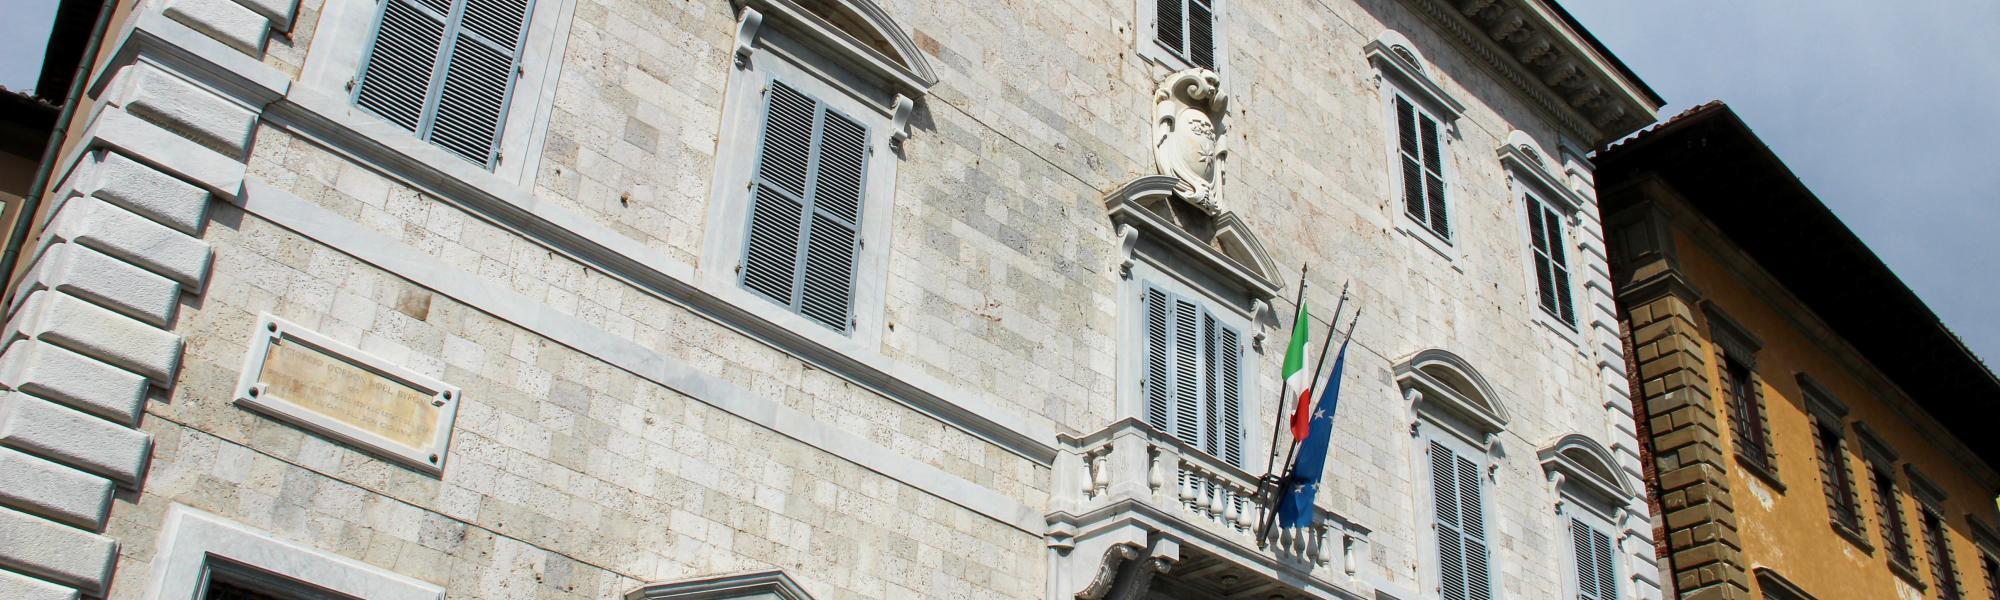 Facciata Palazzo Toscanelli _ Archivio di Stato (G. Bettini, Comune di Pisa)